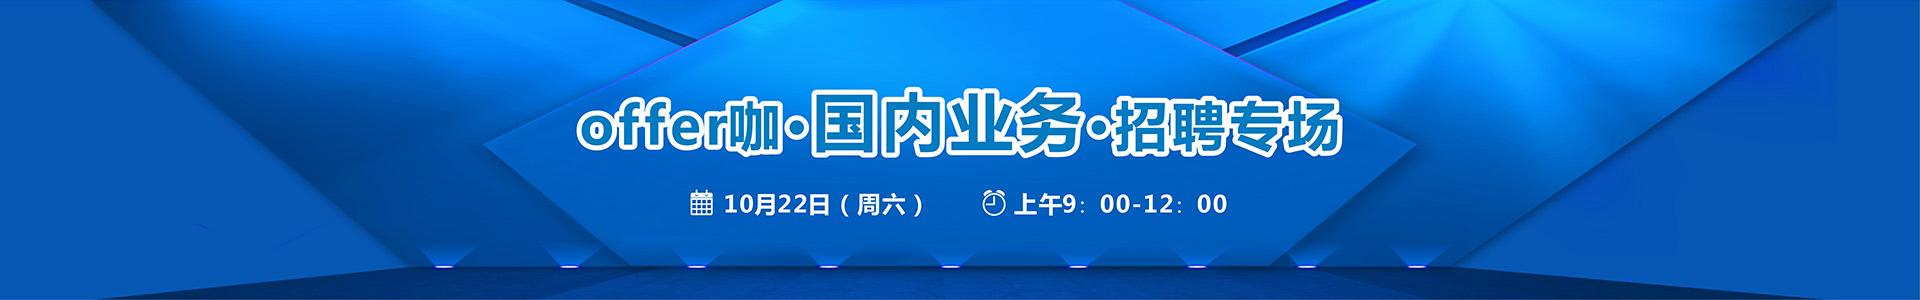 10月22日offer咖的专场